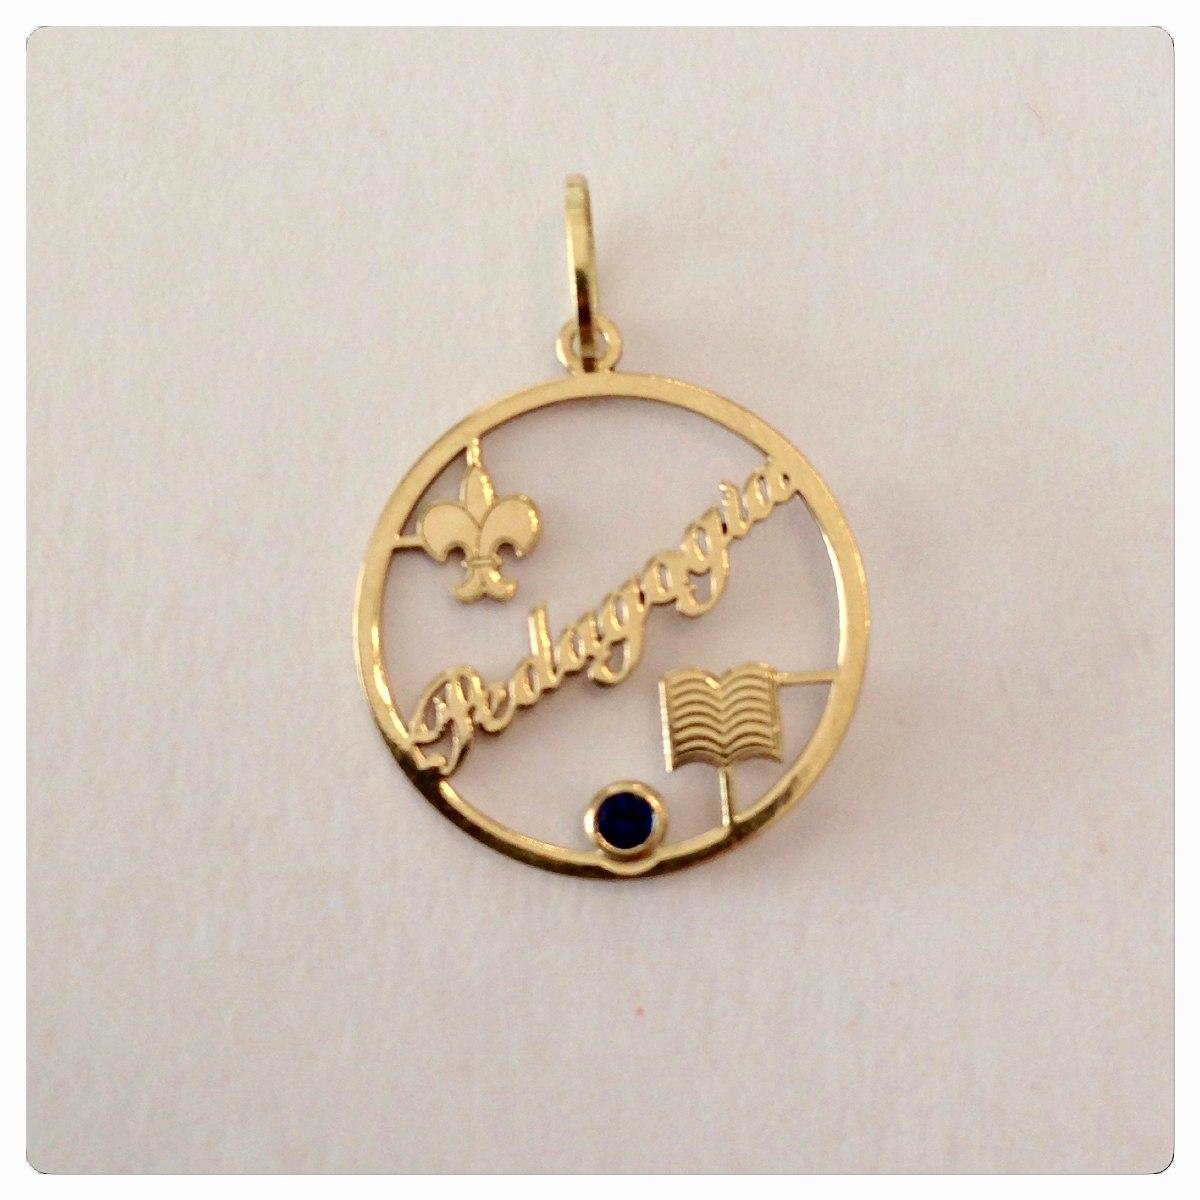 ff7d4239d29ee pingente formatura pedagogia ouro 18k jóias graduação. Carregando zoom.